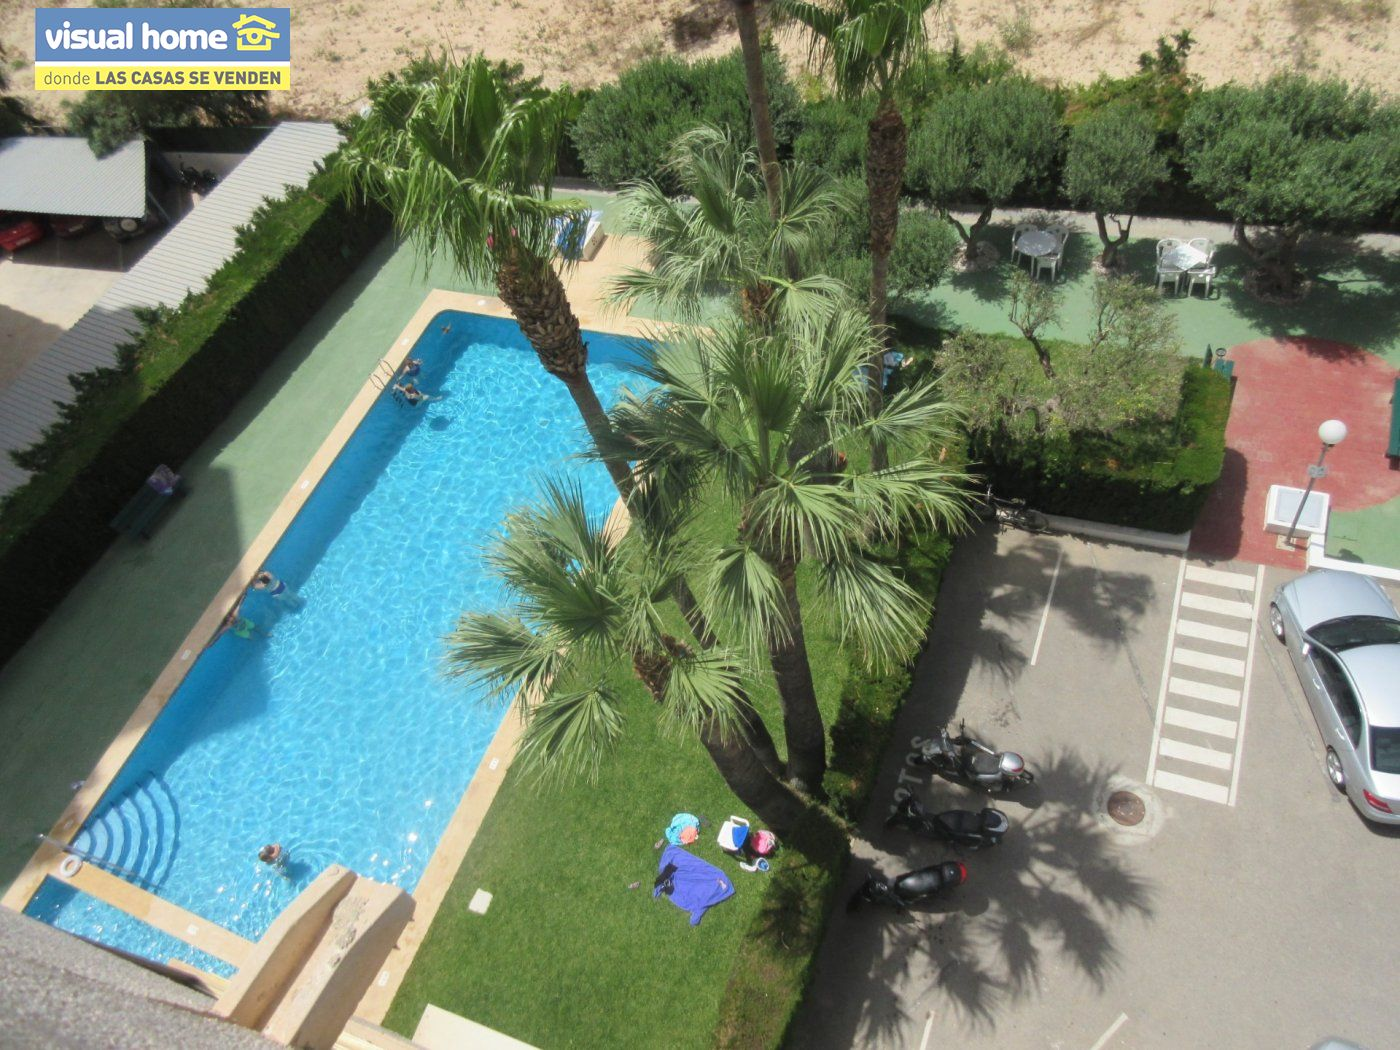 ¡¡¡ Oportunidad !!! Apartamento zona Levante de un dormitorio con parking y piscina 0